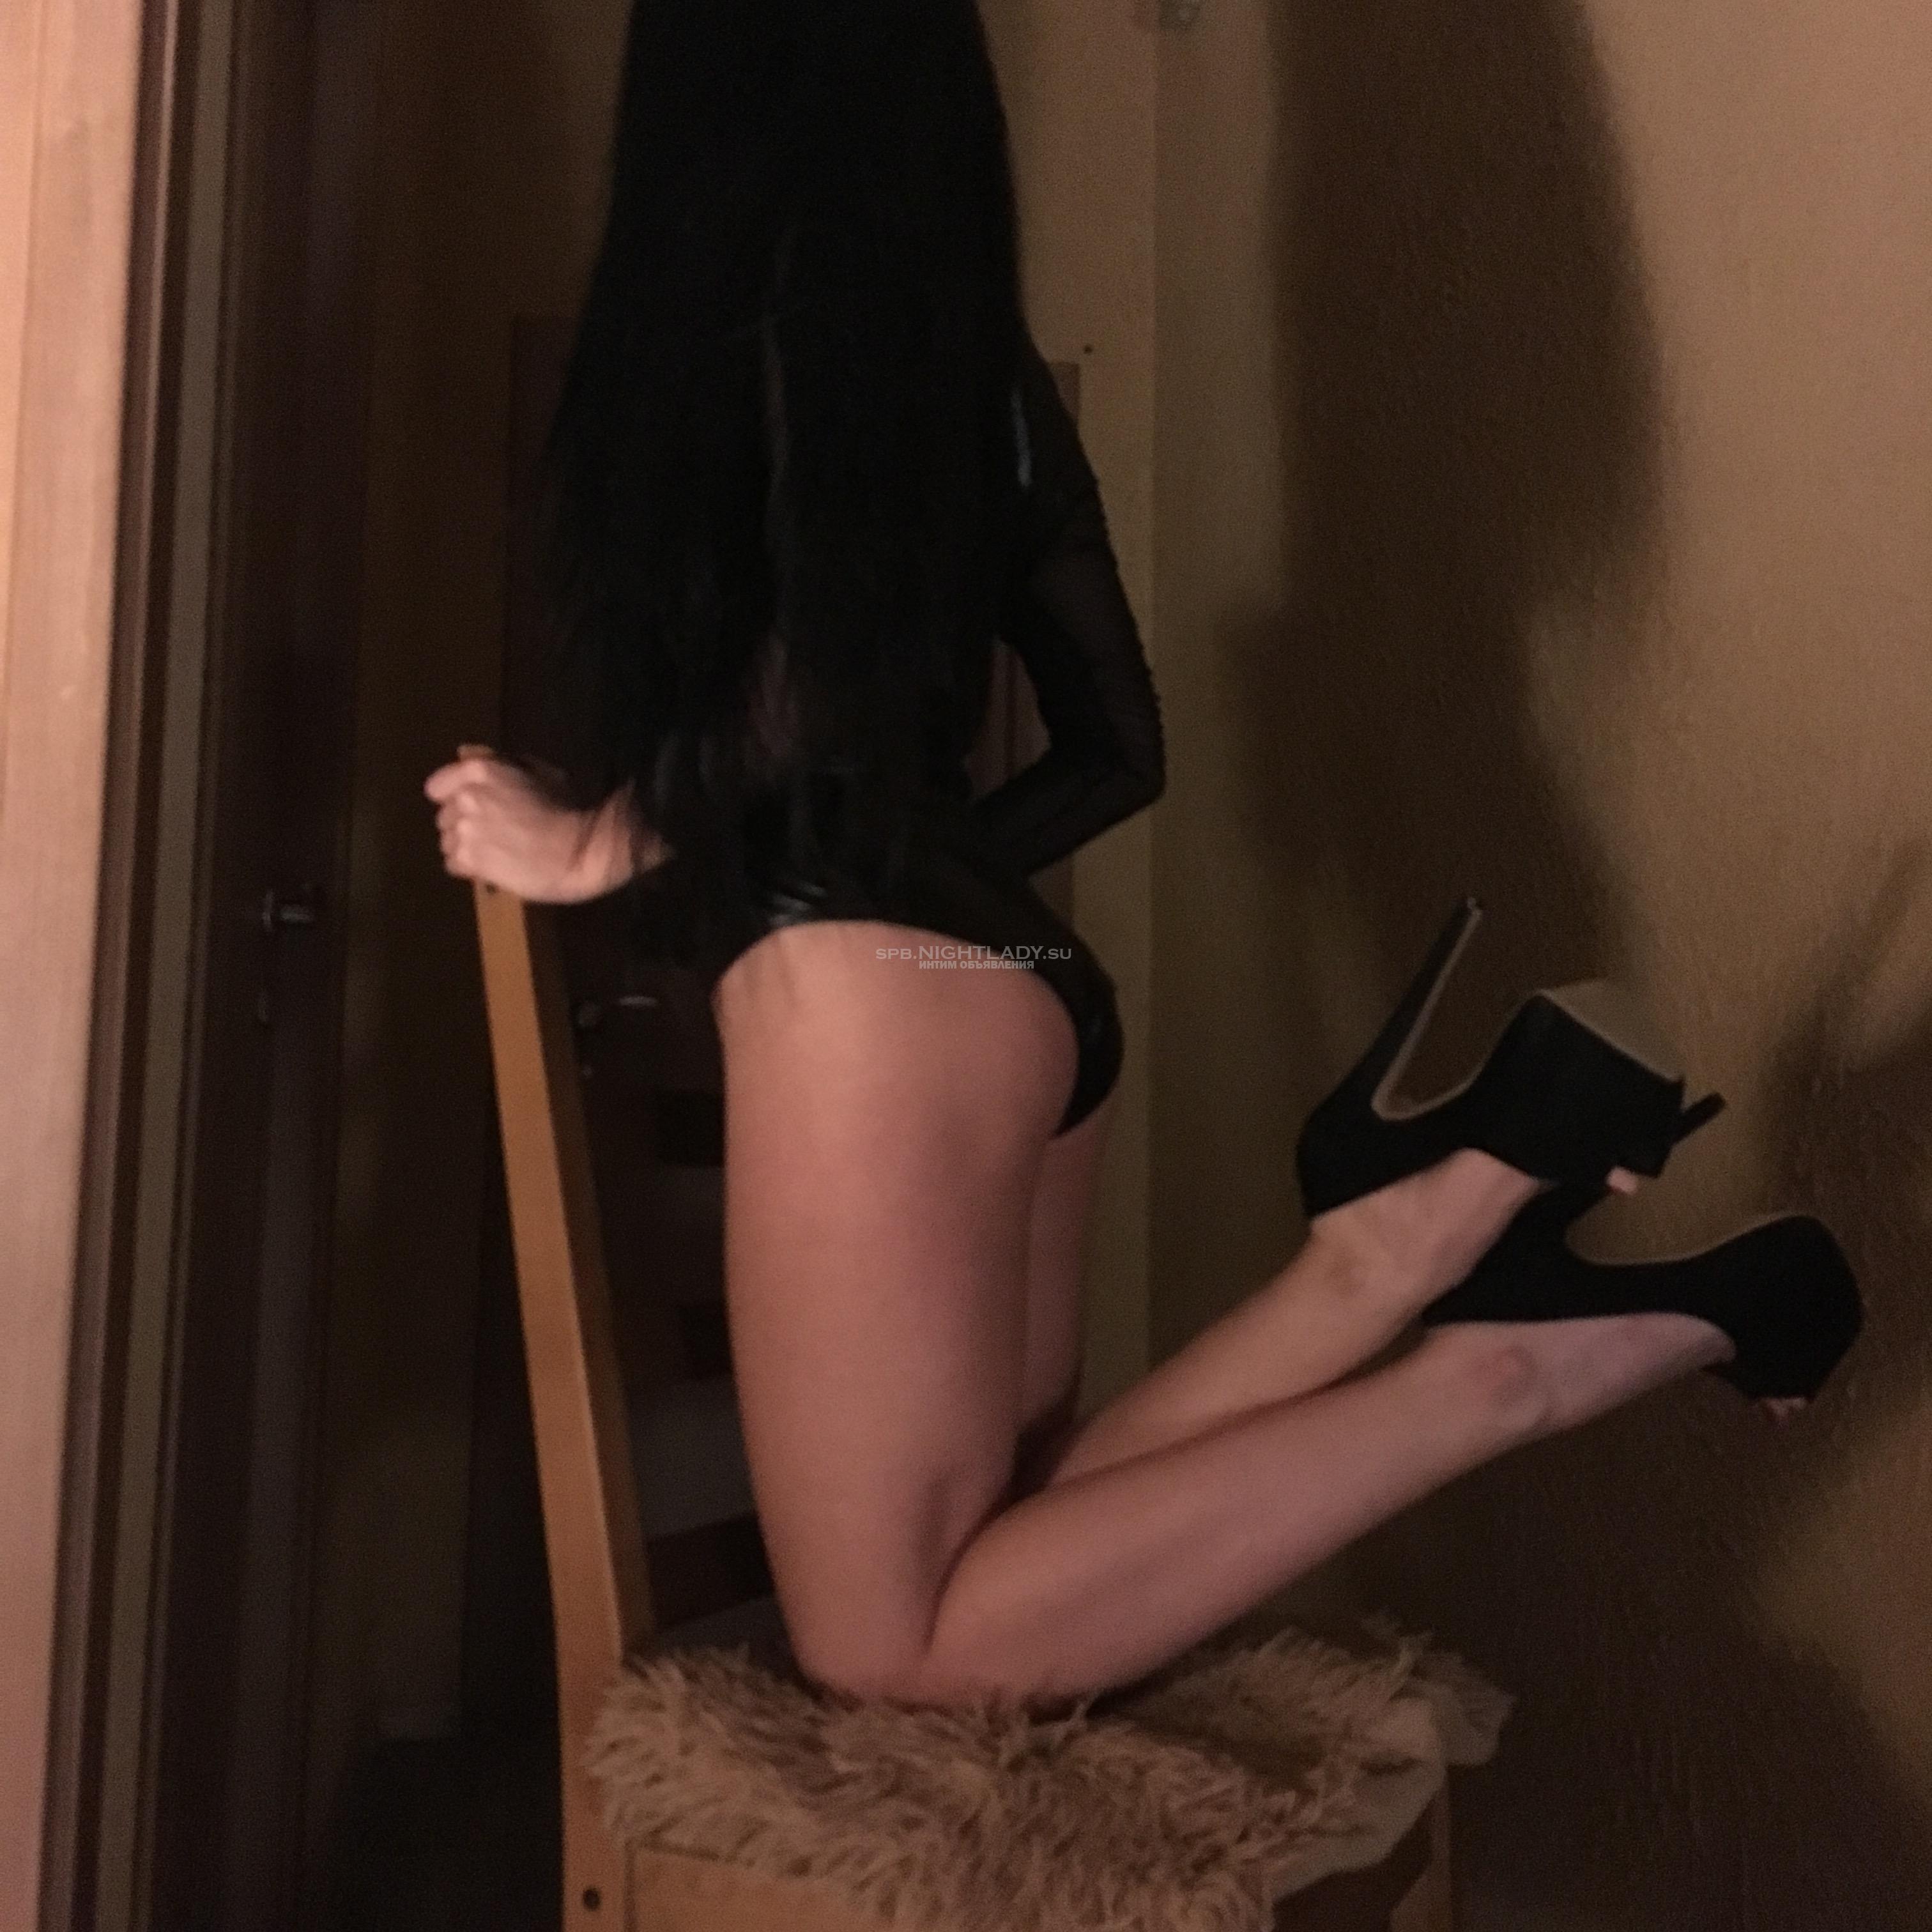 Дороге интим объявления проститутки индивидуалки большими сиськами